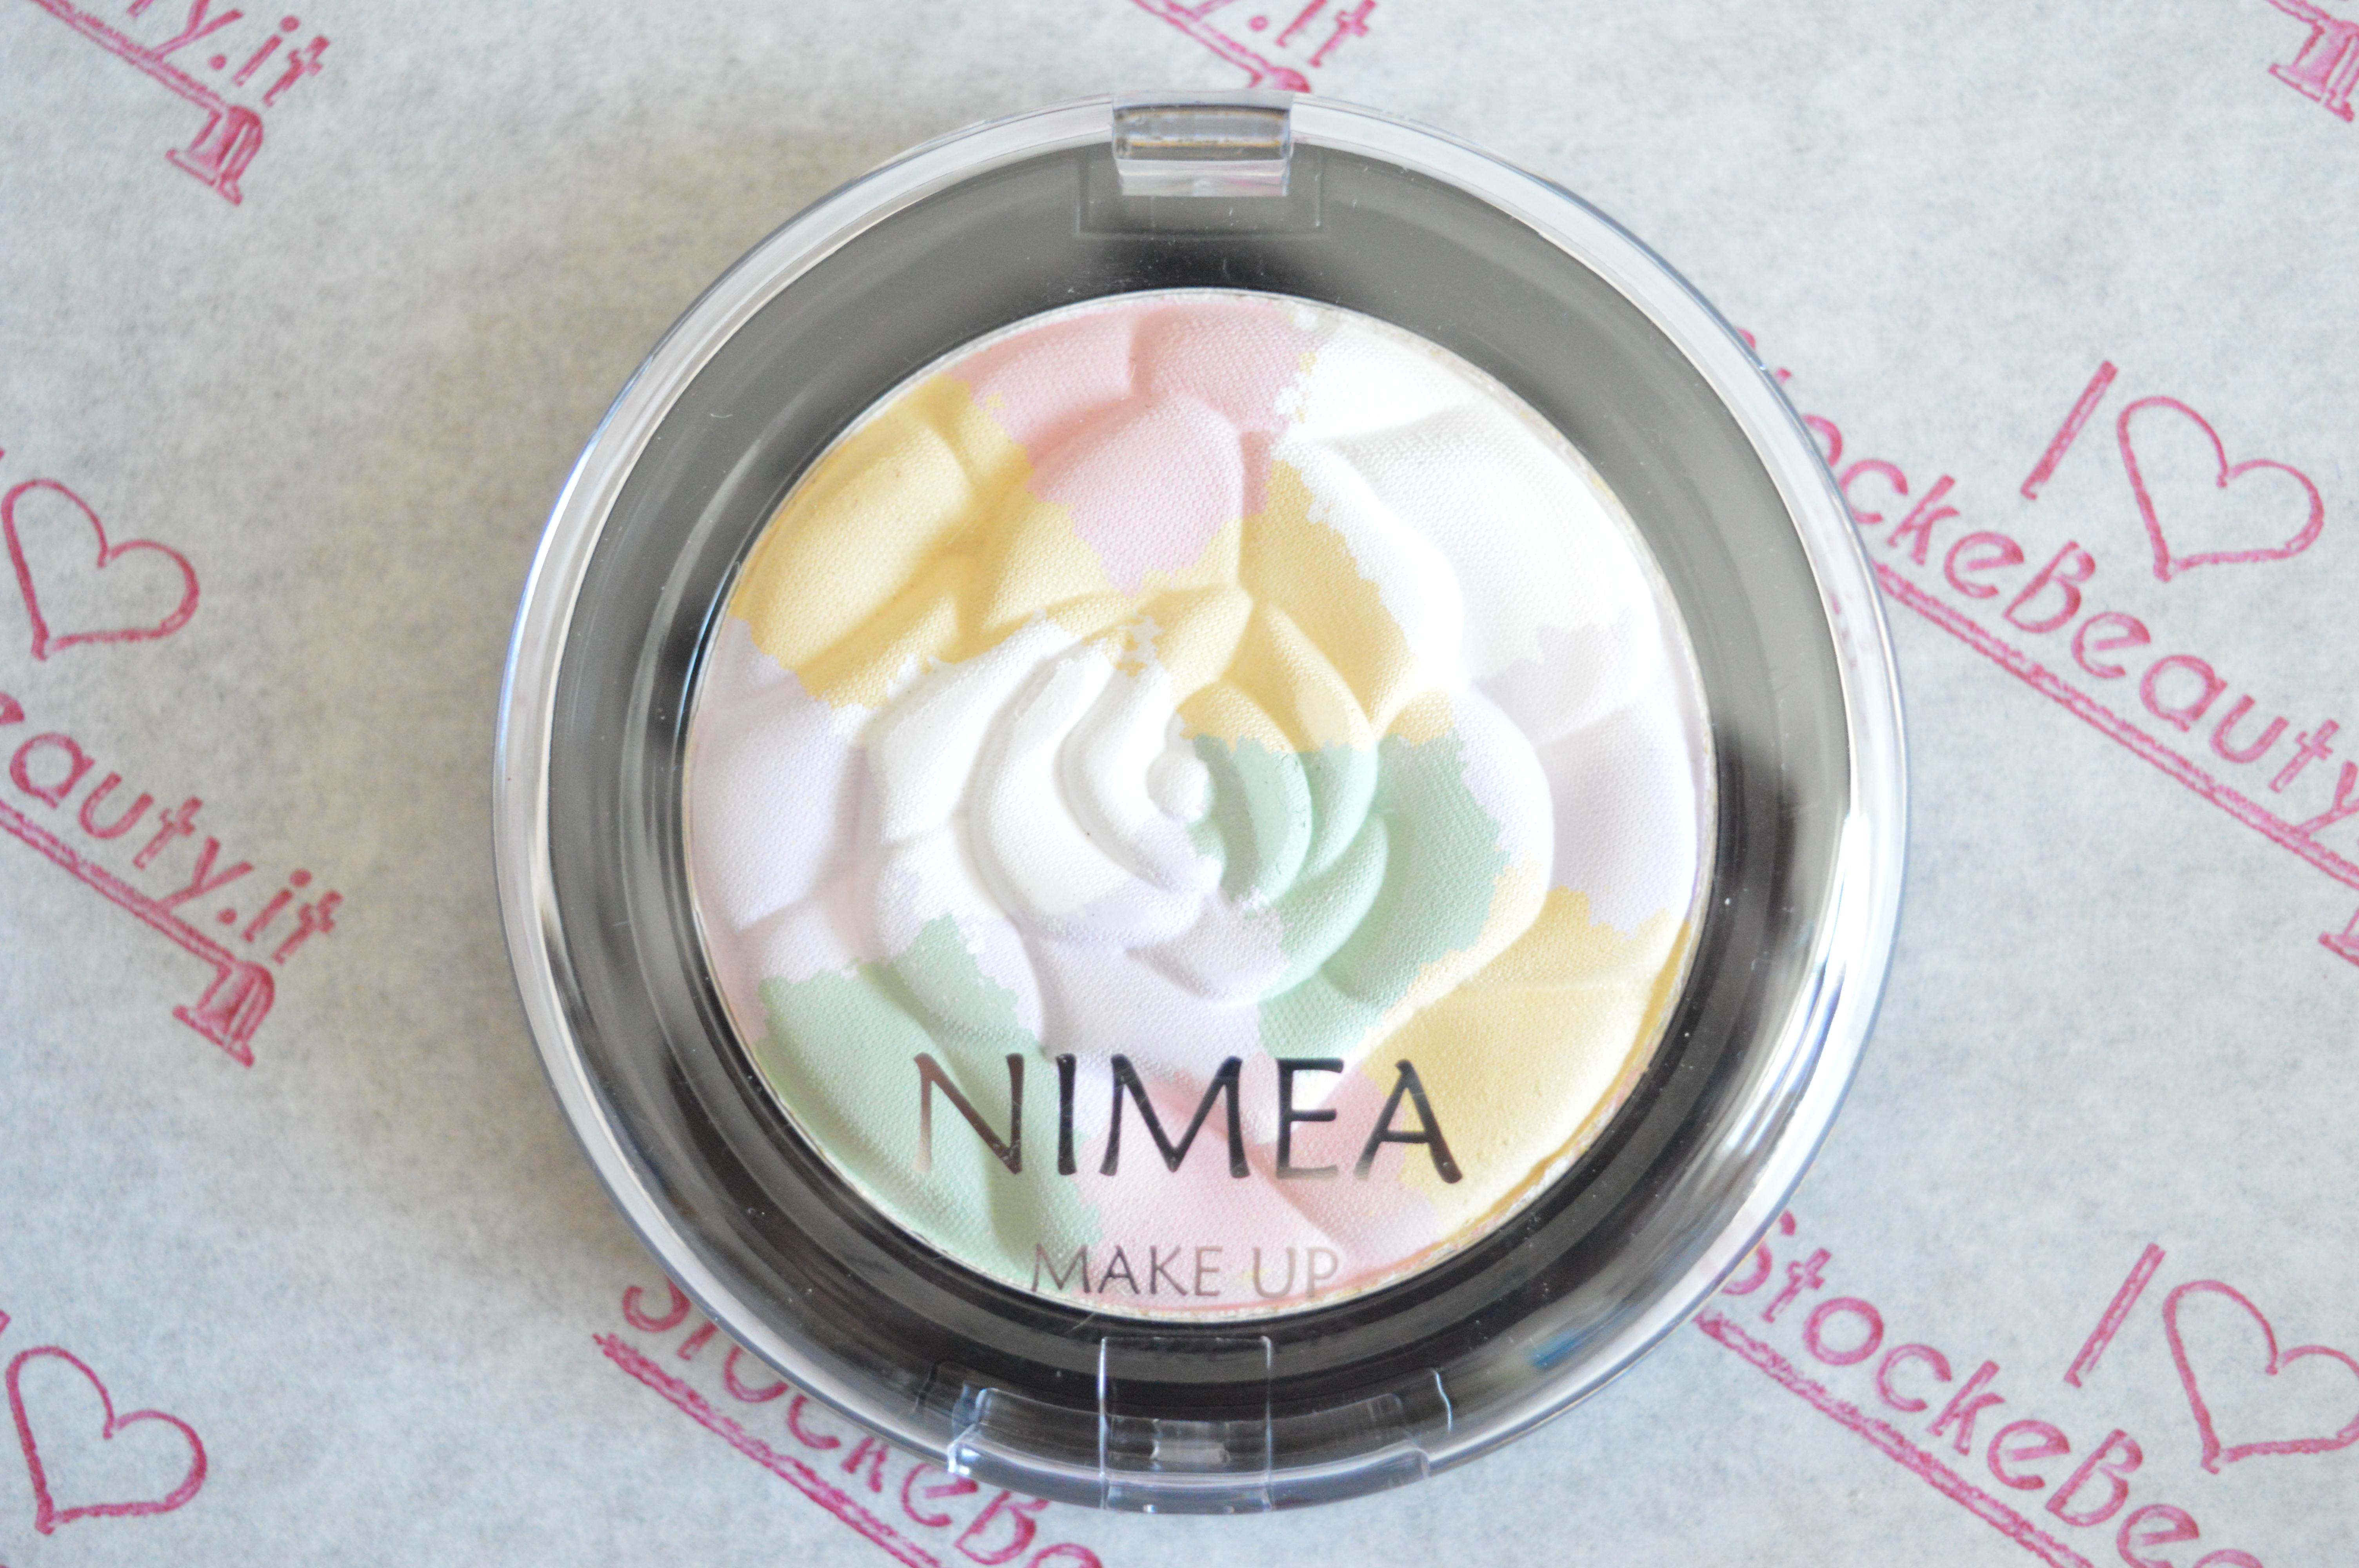 NIMEA PROFESSIONAL MAKE-UP- CORRETTORI COMPATTI